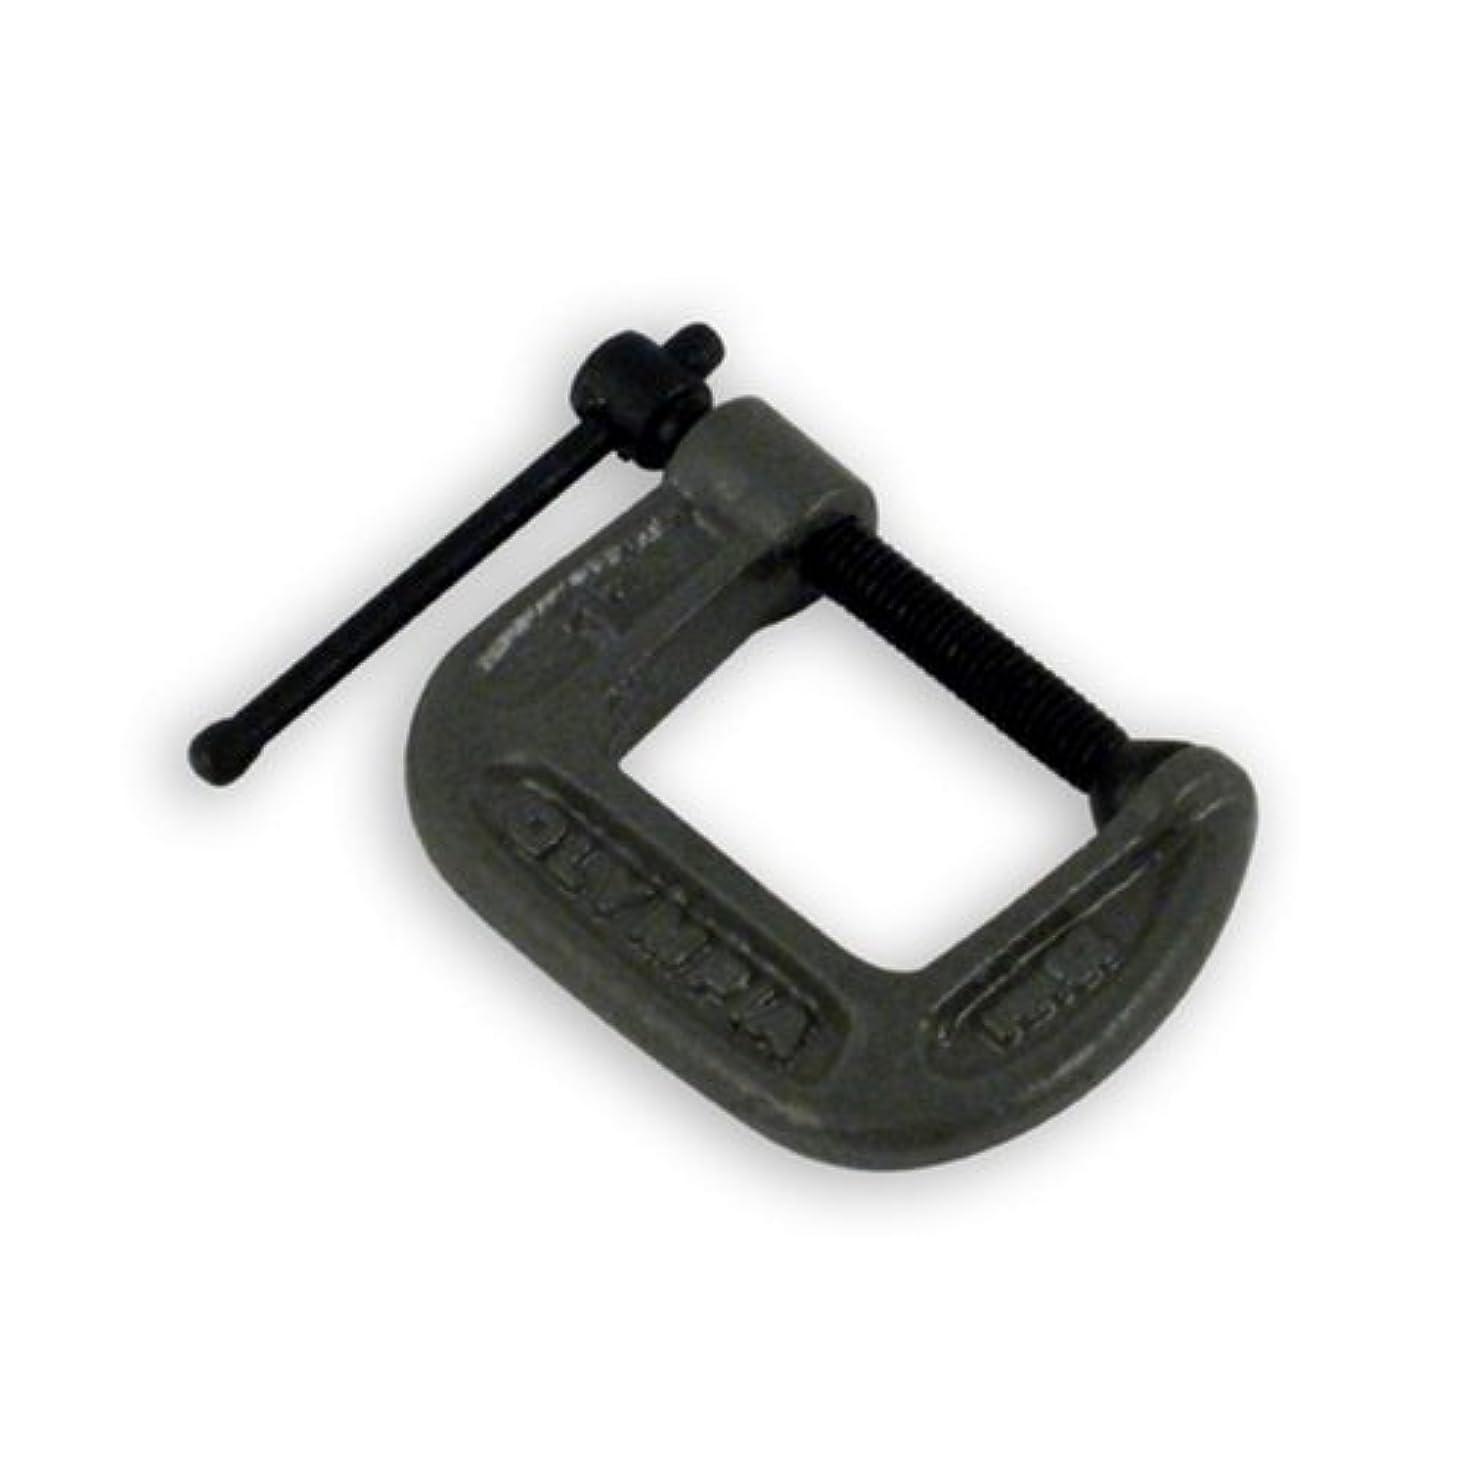 銀行重々しいレコーダーOlympia Tools 38-110 1-Inch by 1-Inch C-Clamp [並行輸入品]